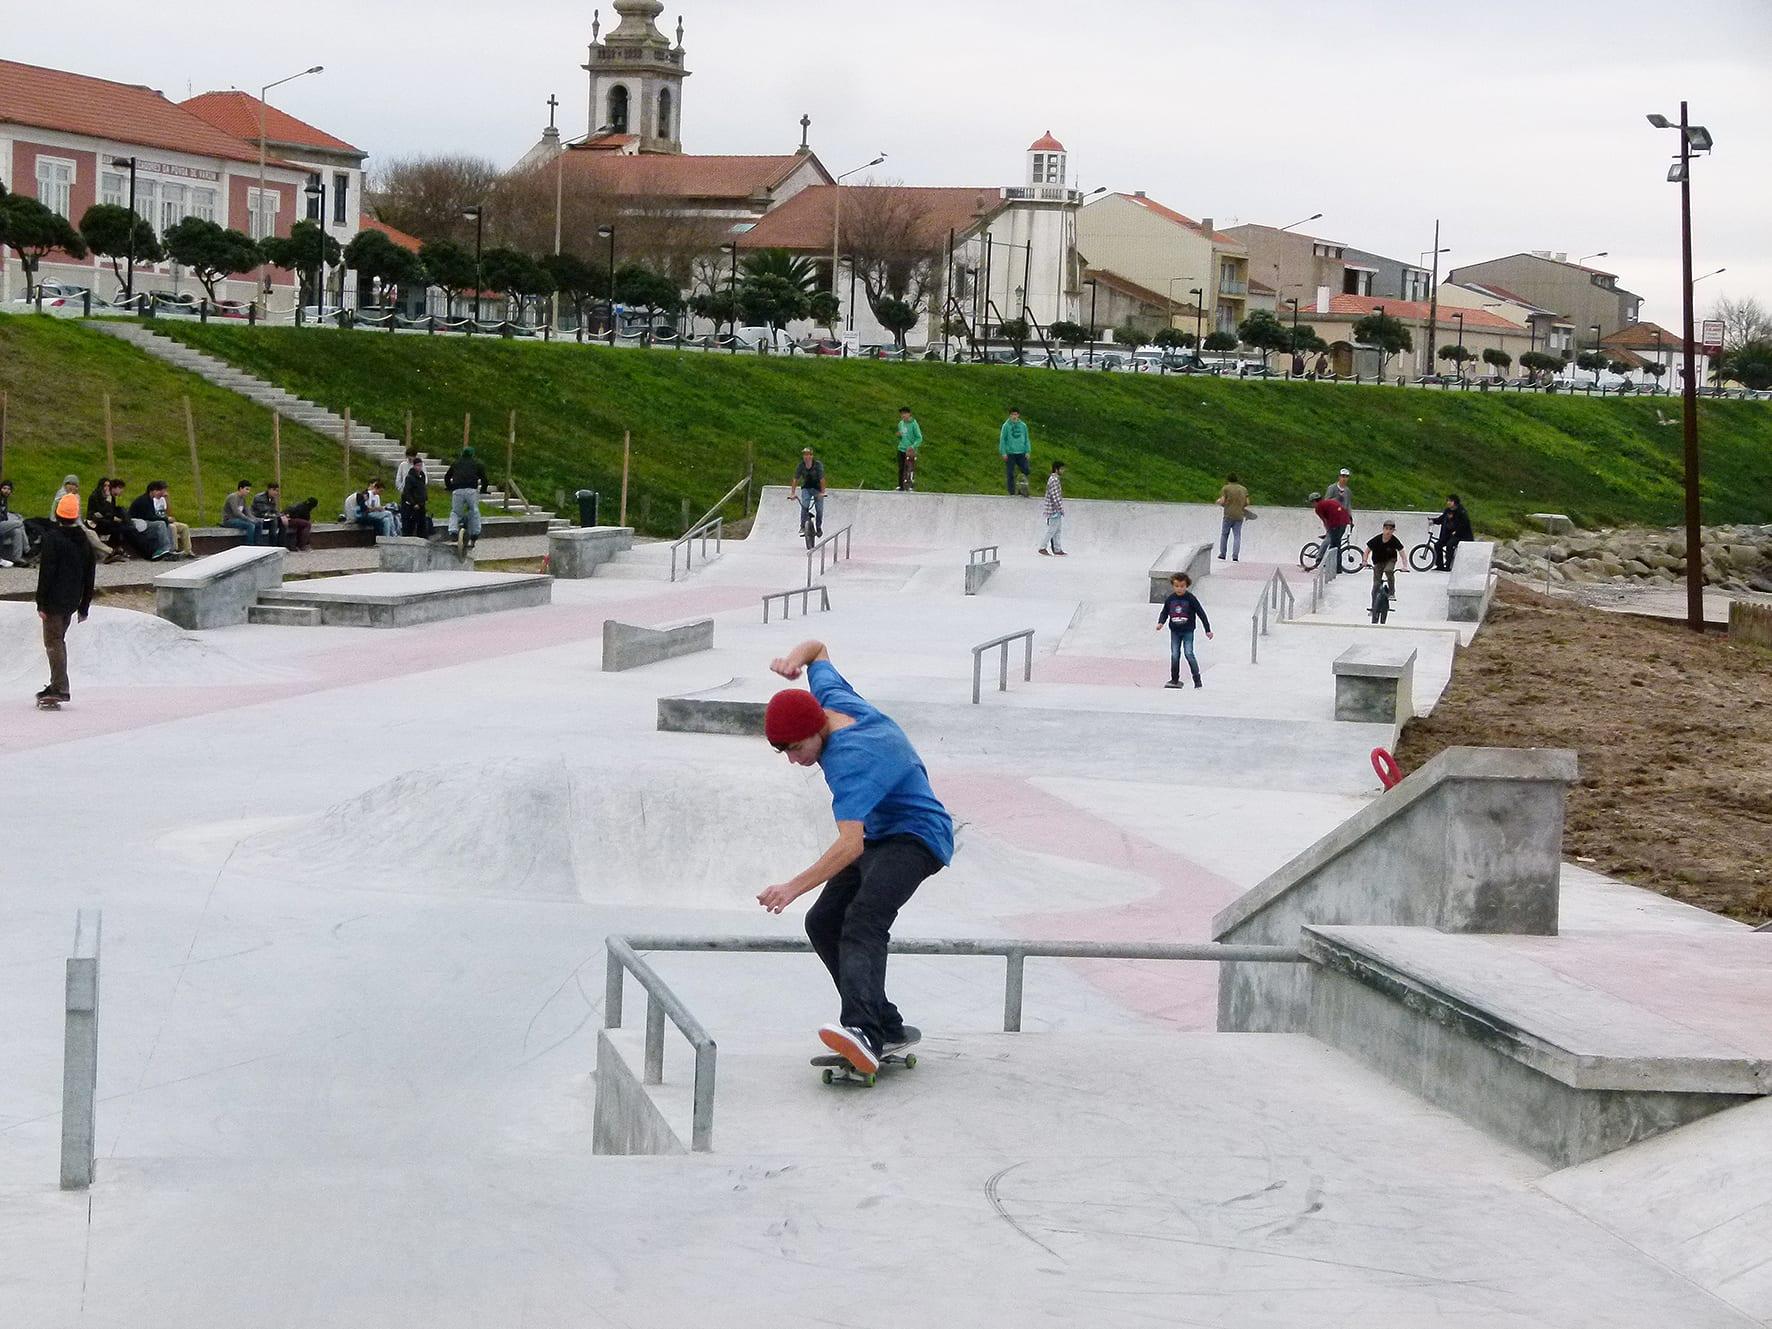 skate-park-povoa-varzim